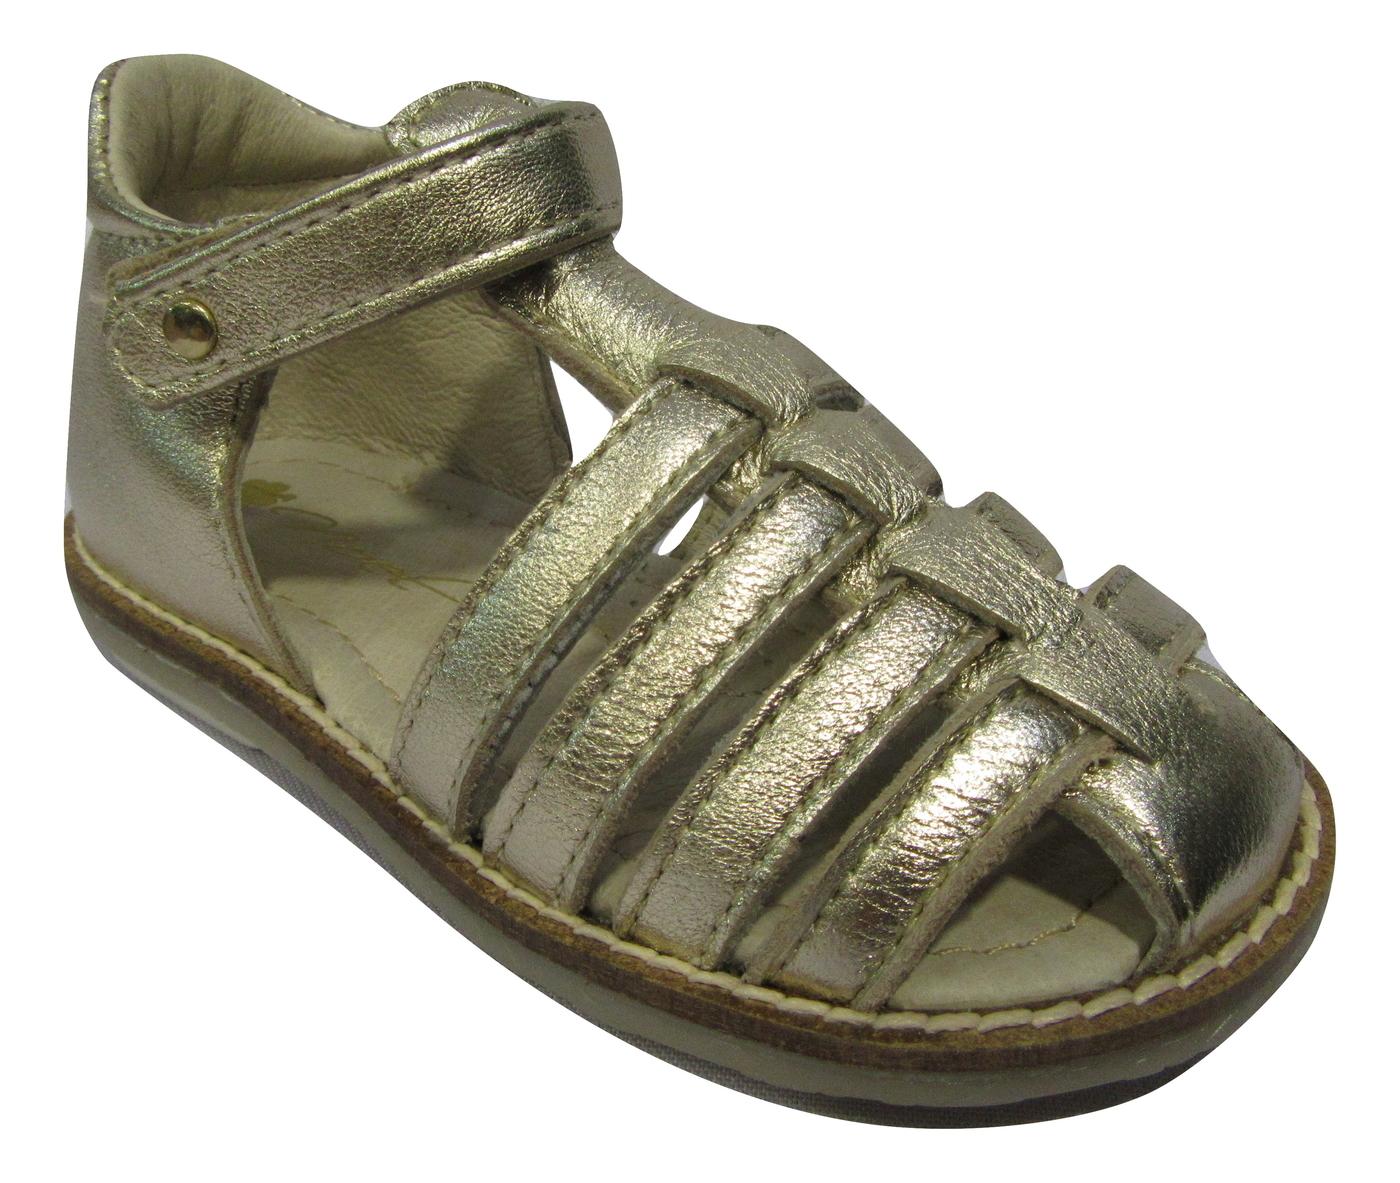 Nu-pied/Sandale fille NOEL cuir doré